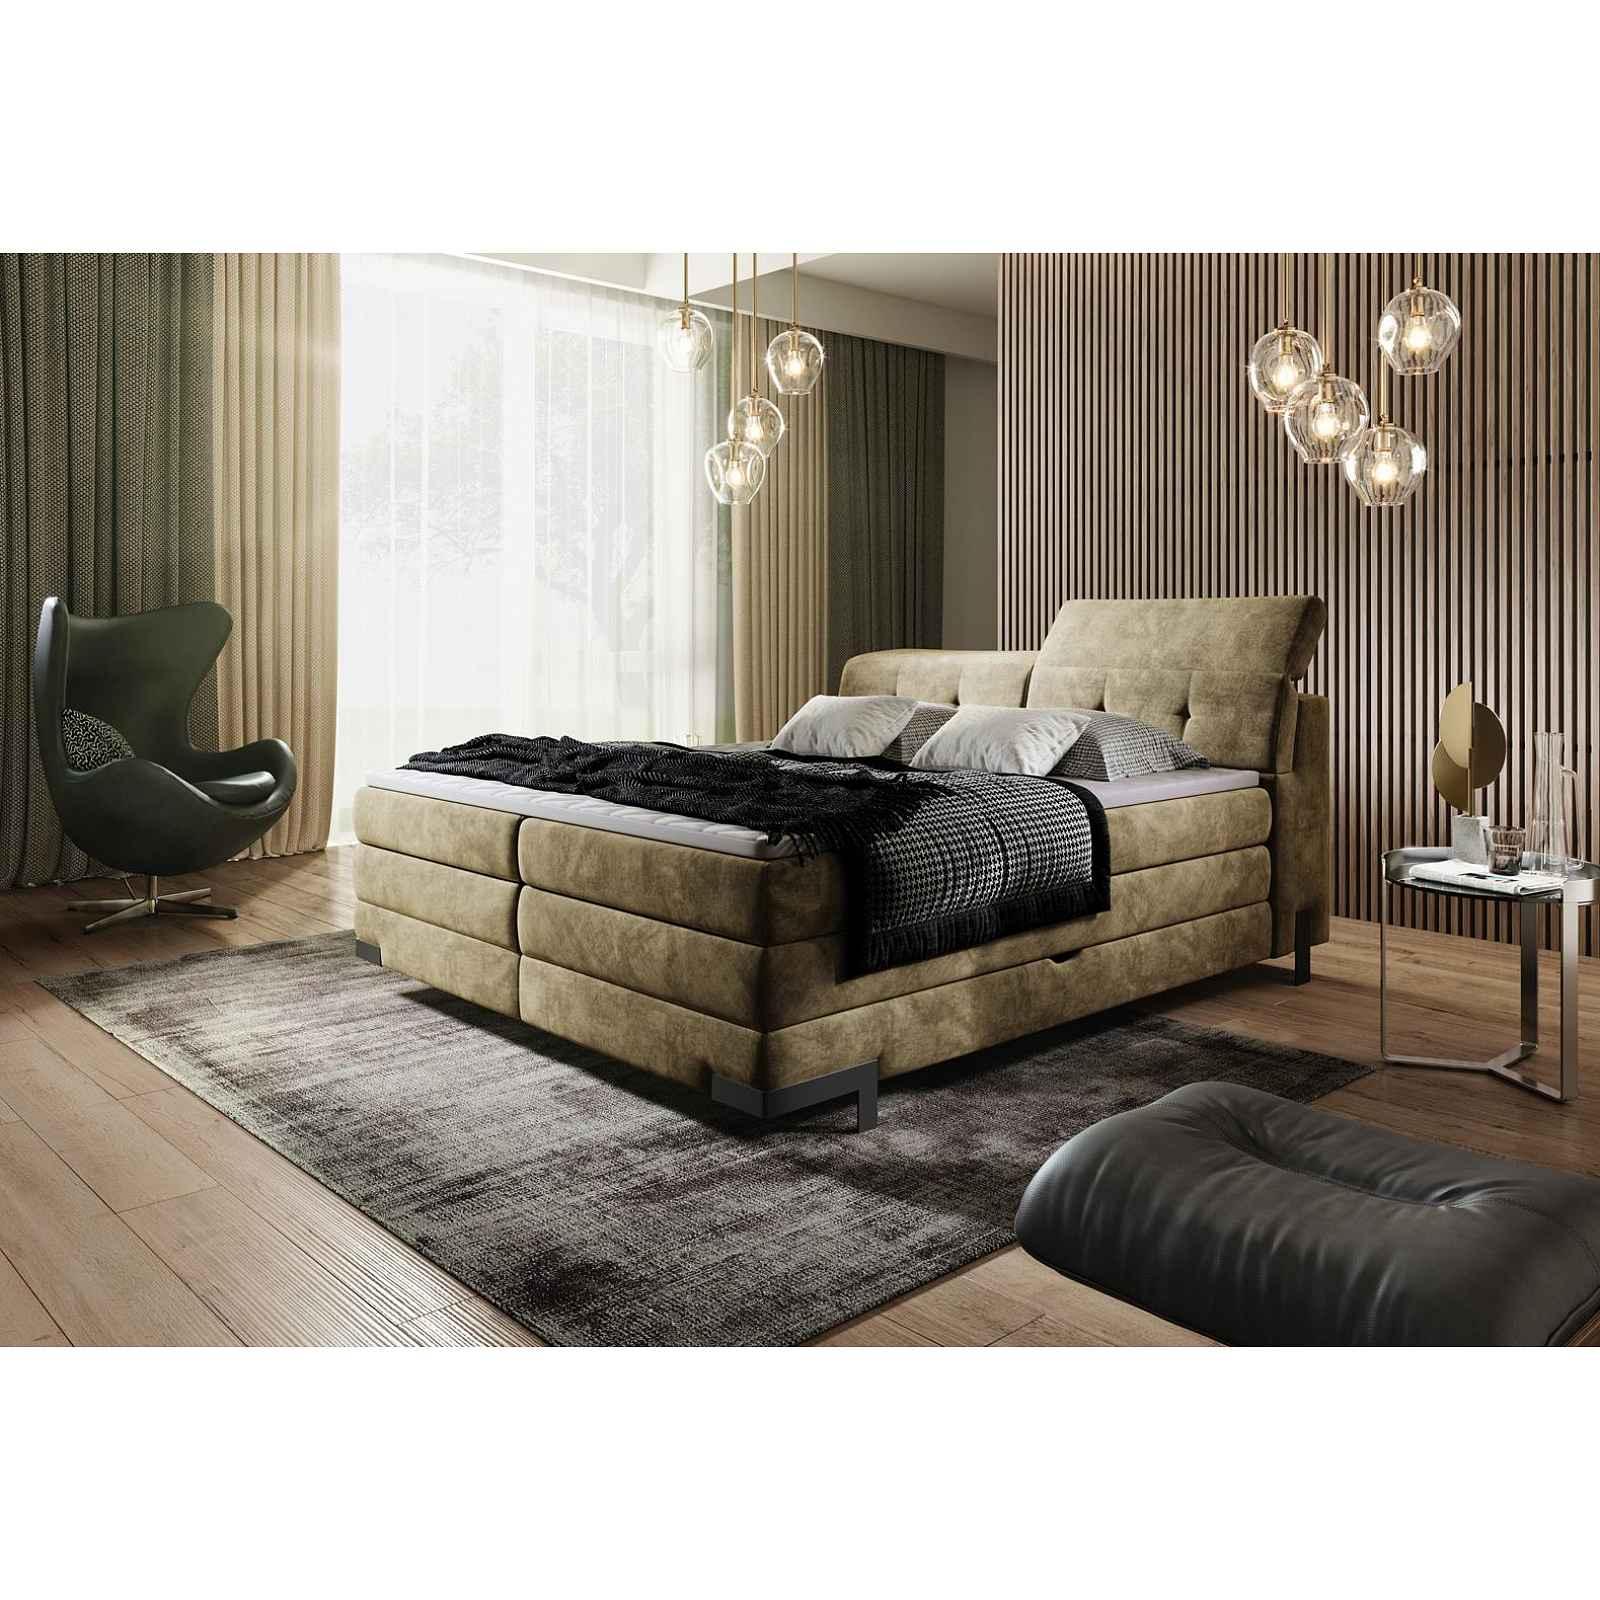 Luxusní box spring postel Massimo 180x200 s výběrem potahu!  WSL: Potah Žinilka Soro 21 krémová HELCEL